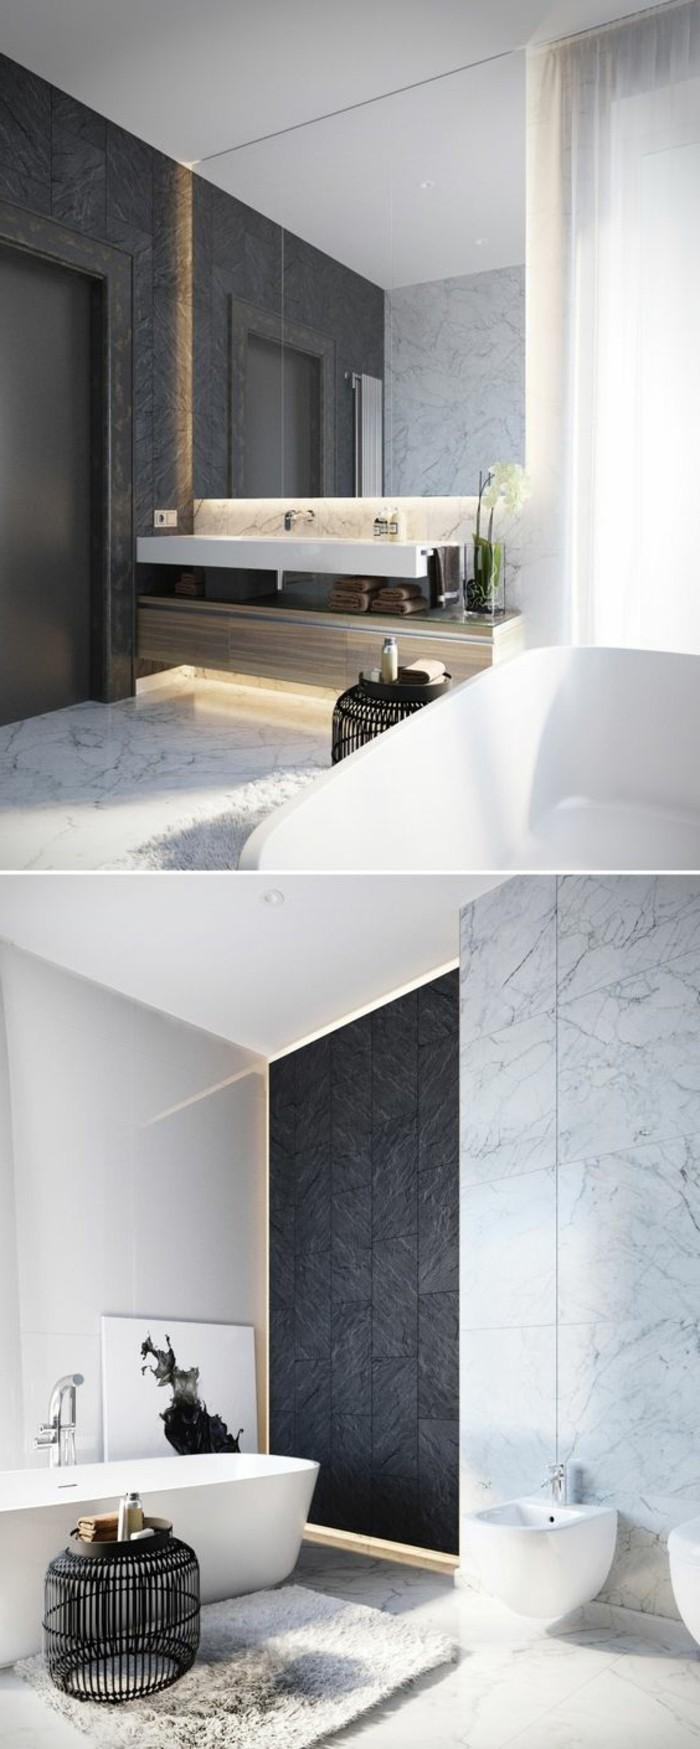 1-idée-faience-salle-de-bain-moderne-sol-en-marbre-dalles-imitant-marbre